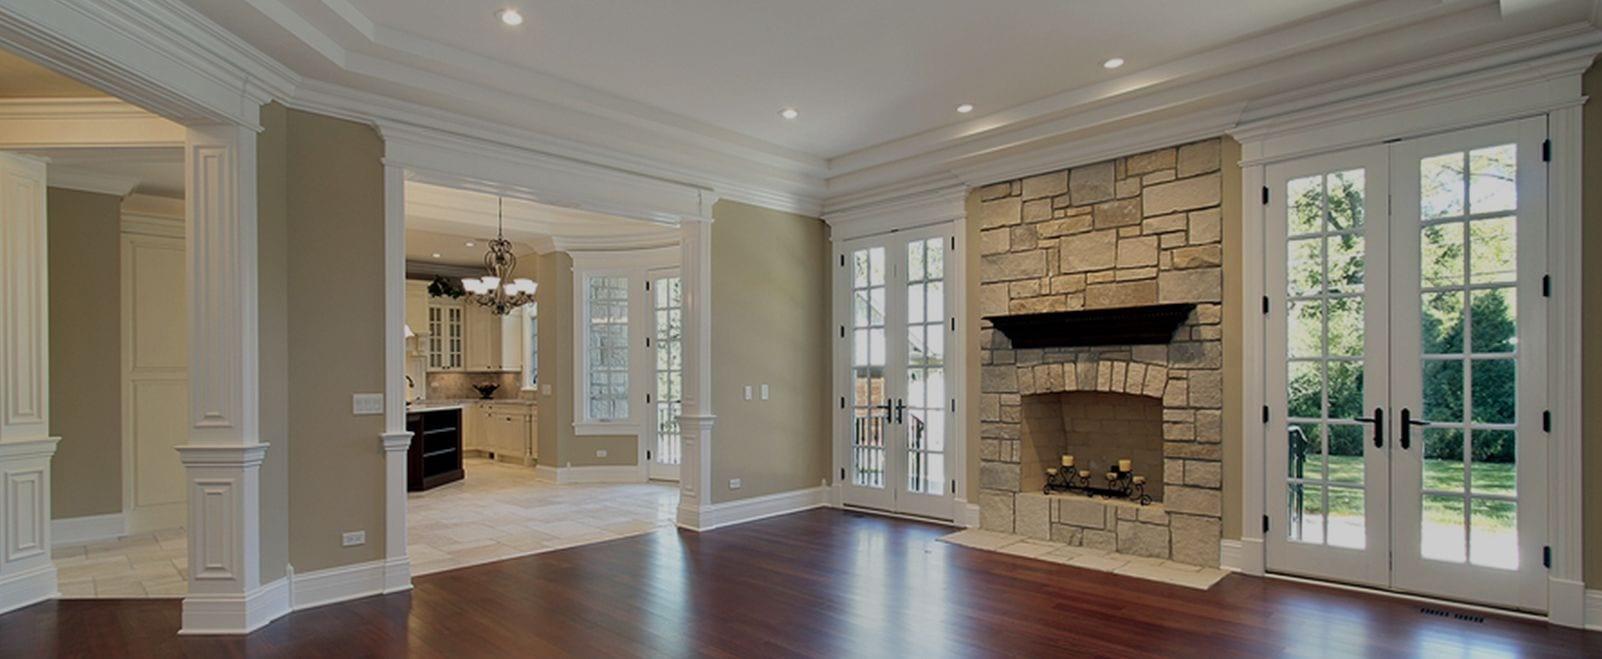 Get best home improvement contractors Howard county Maryland